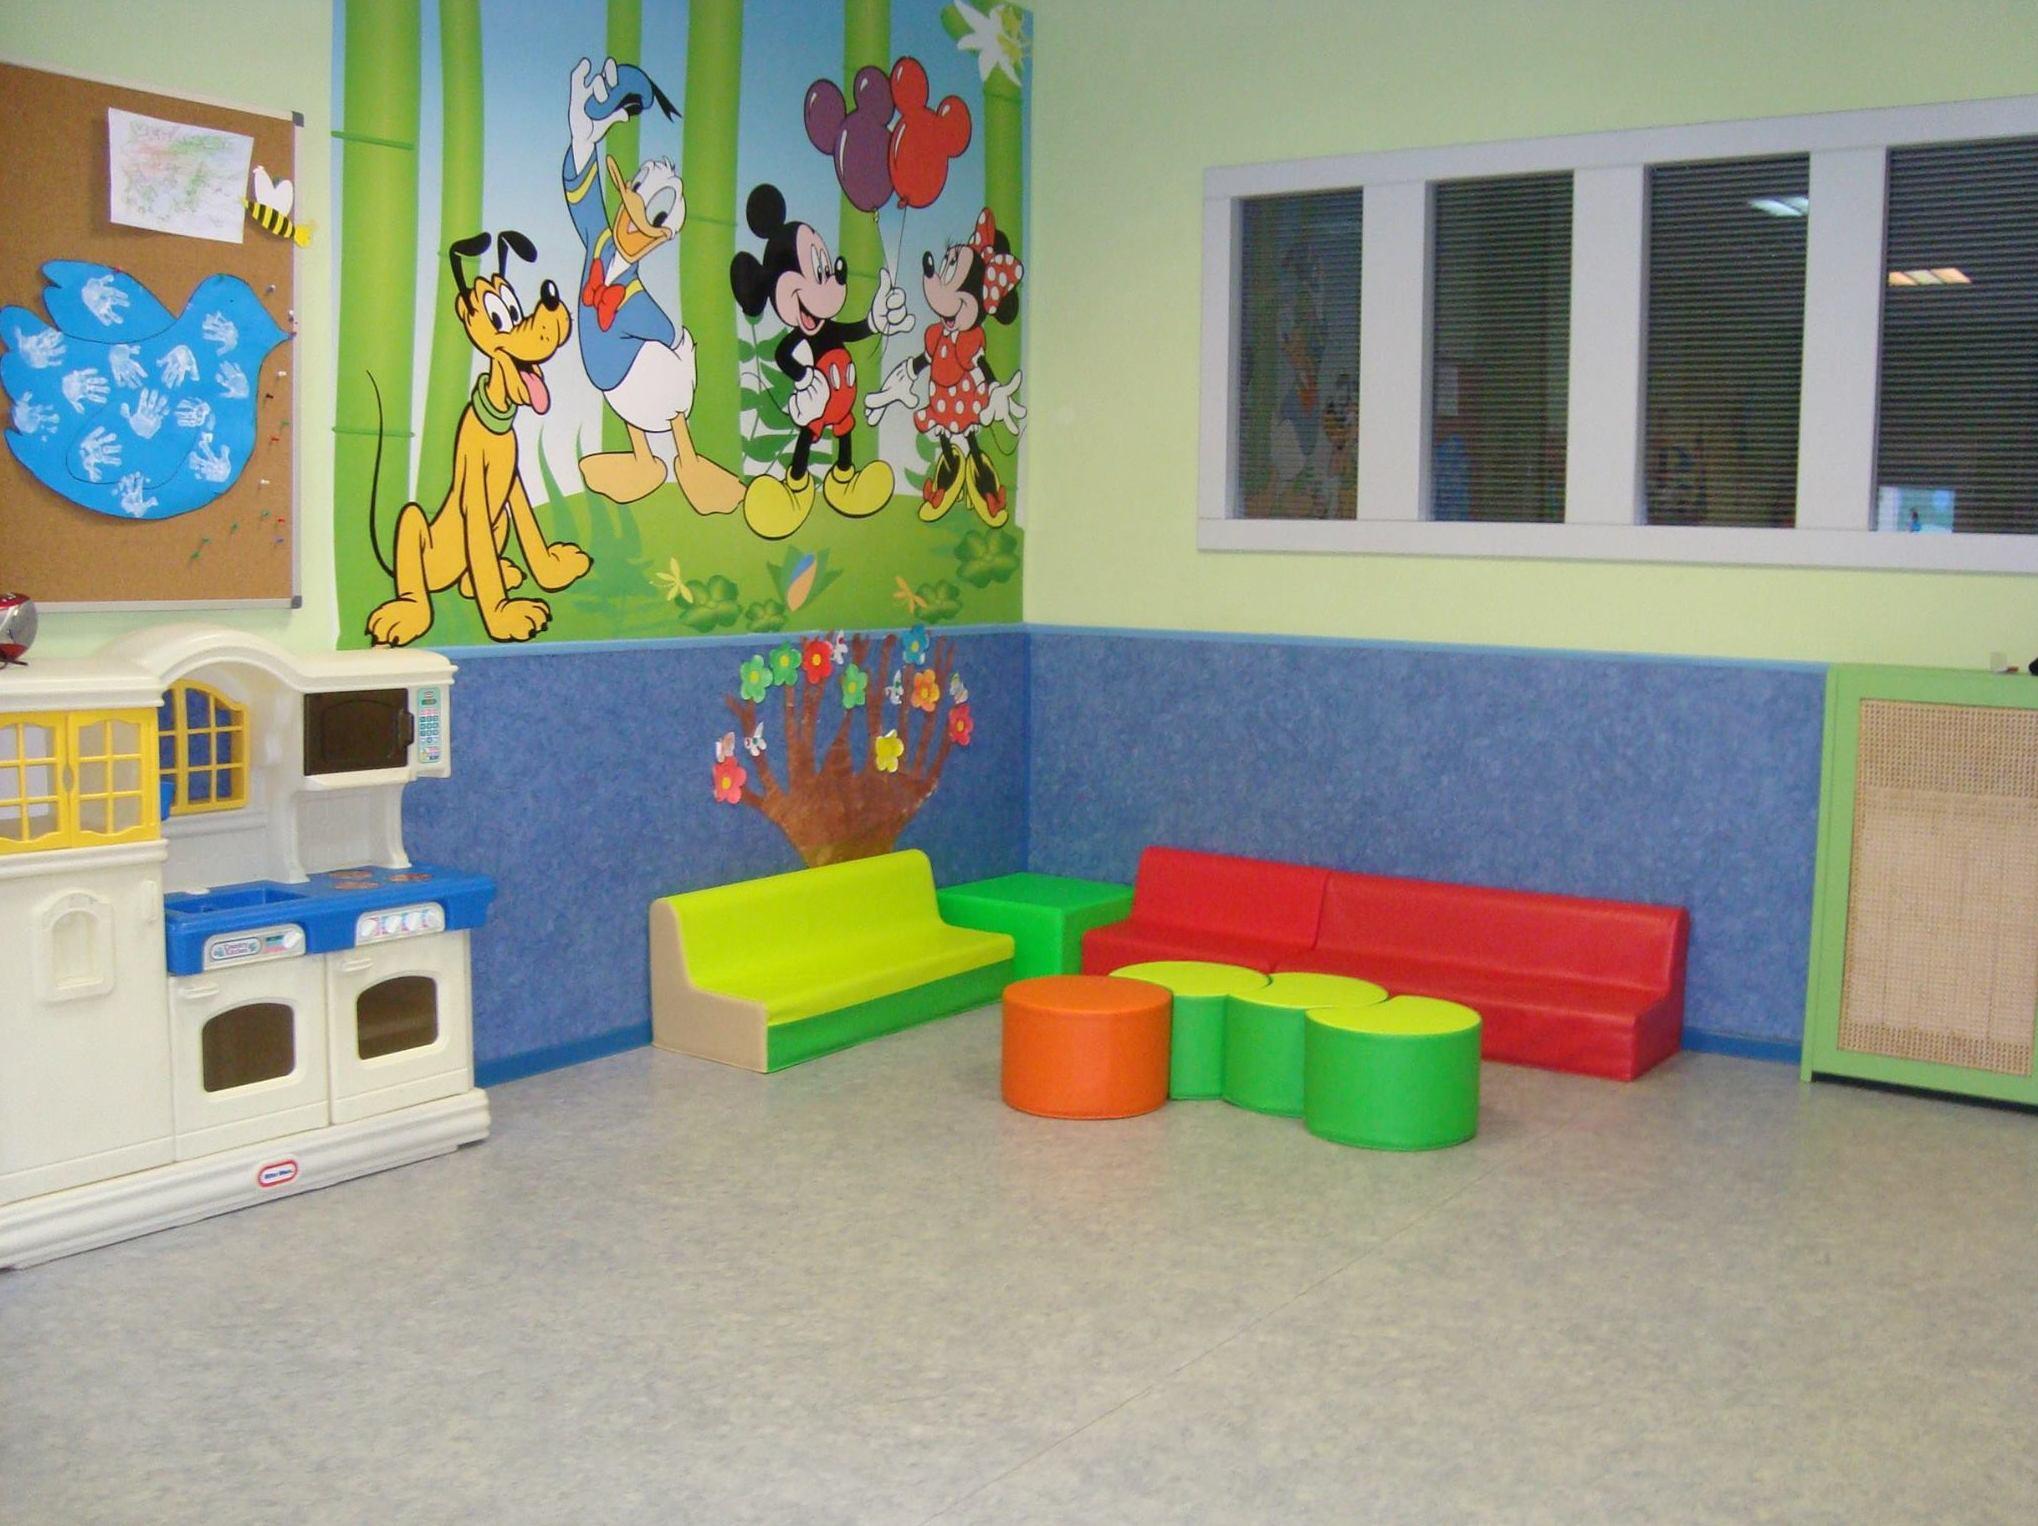 Foto 15 de Guarderías y Escuelas infantiles en Logroño | Centro de Educación Infantil El Parque